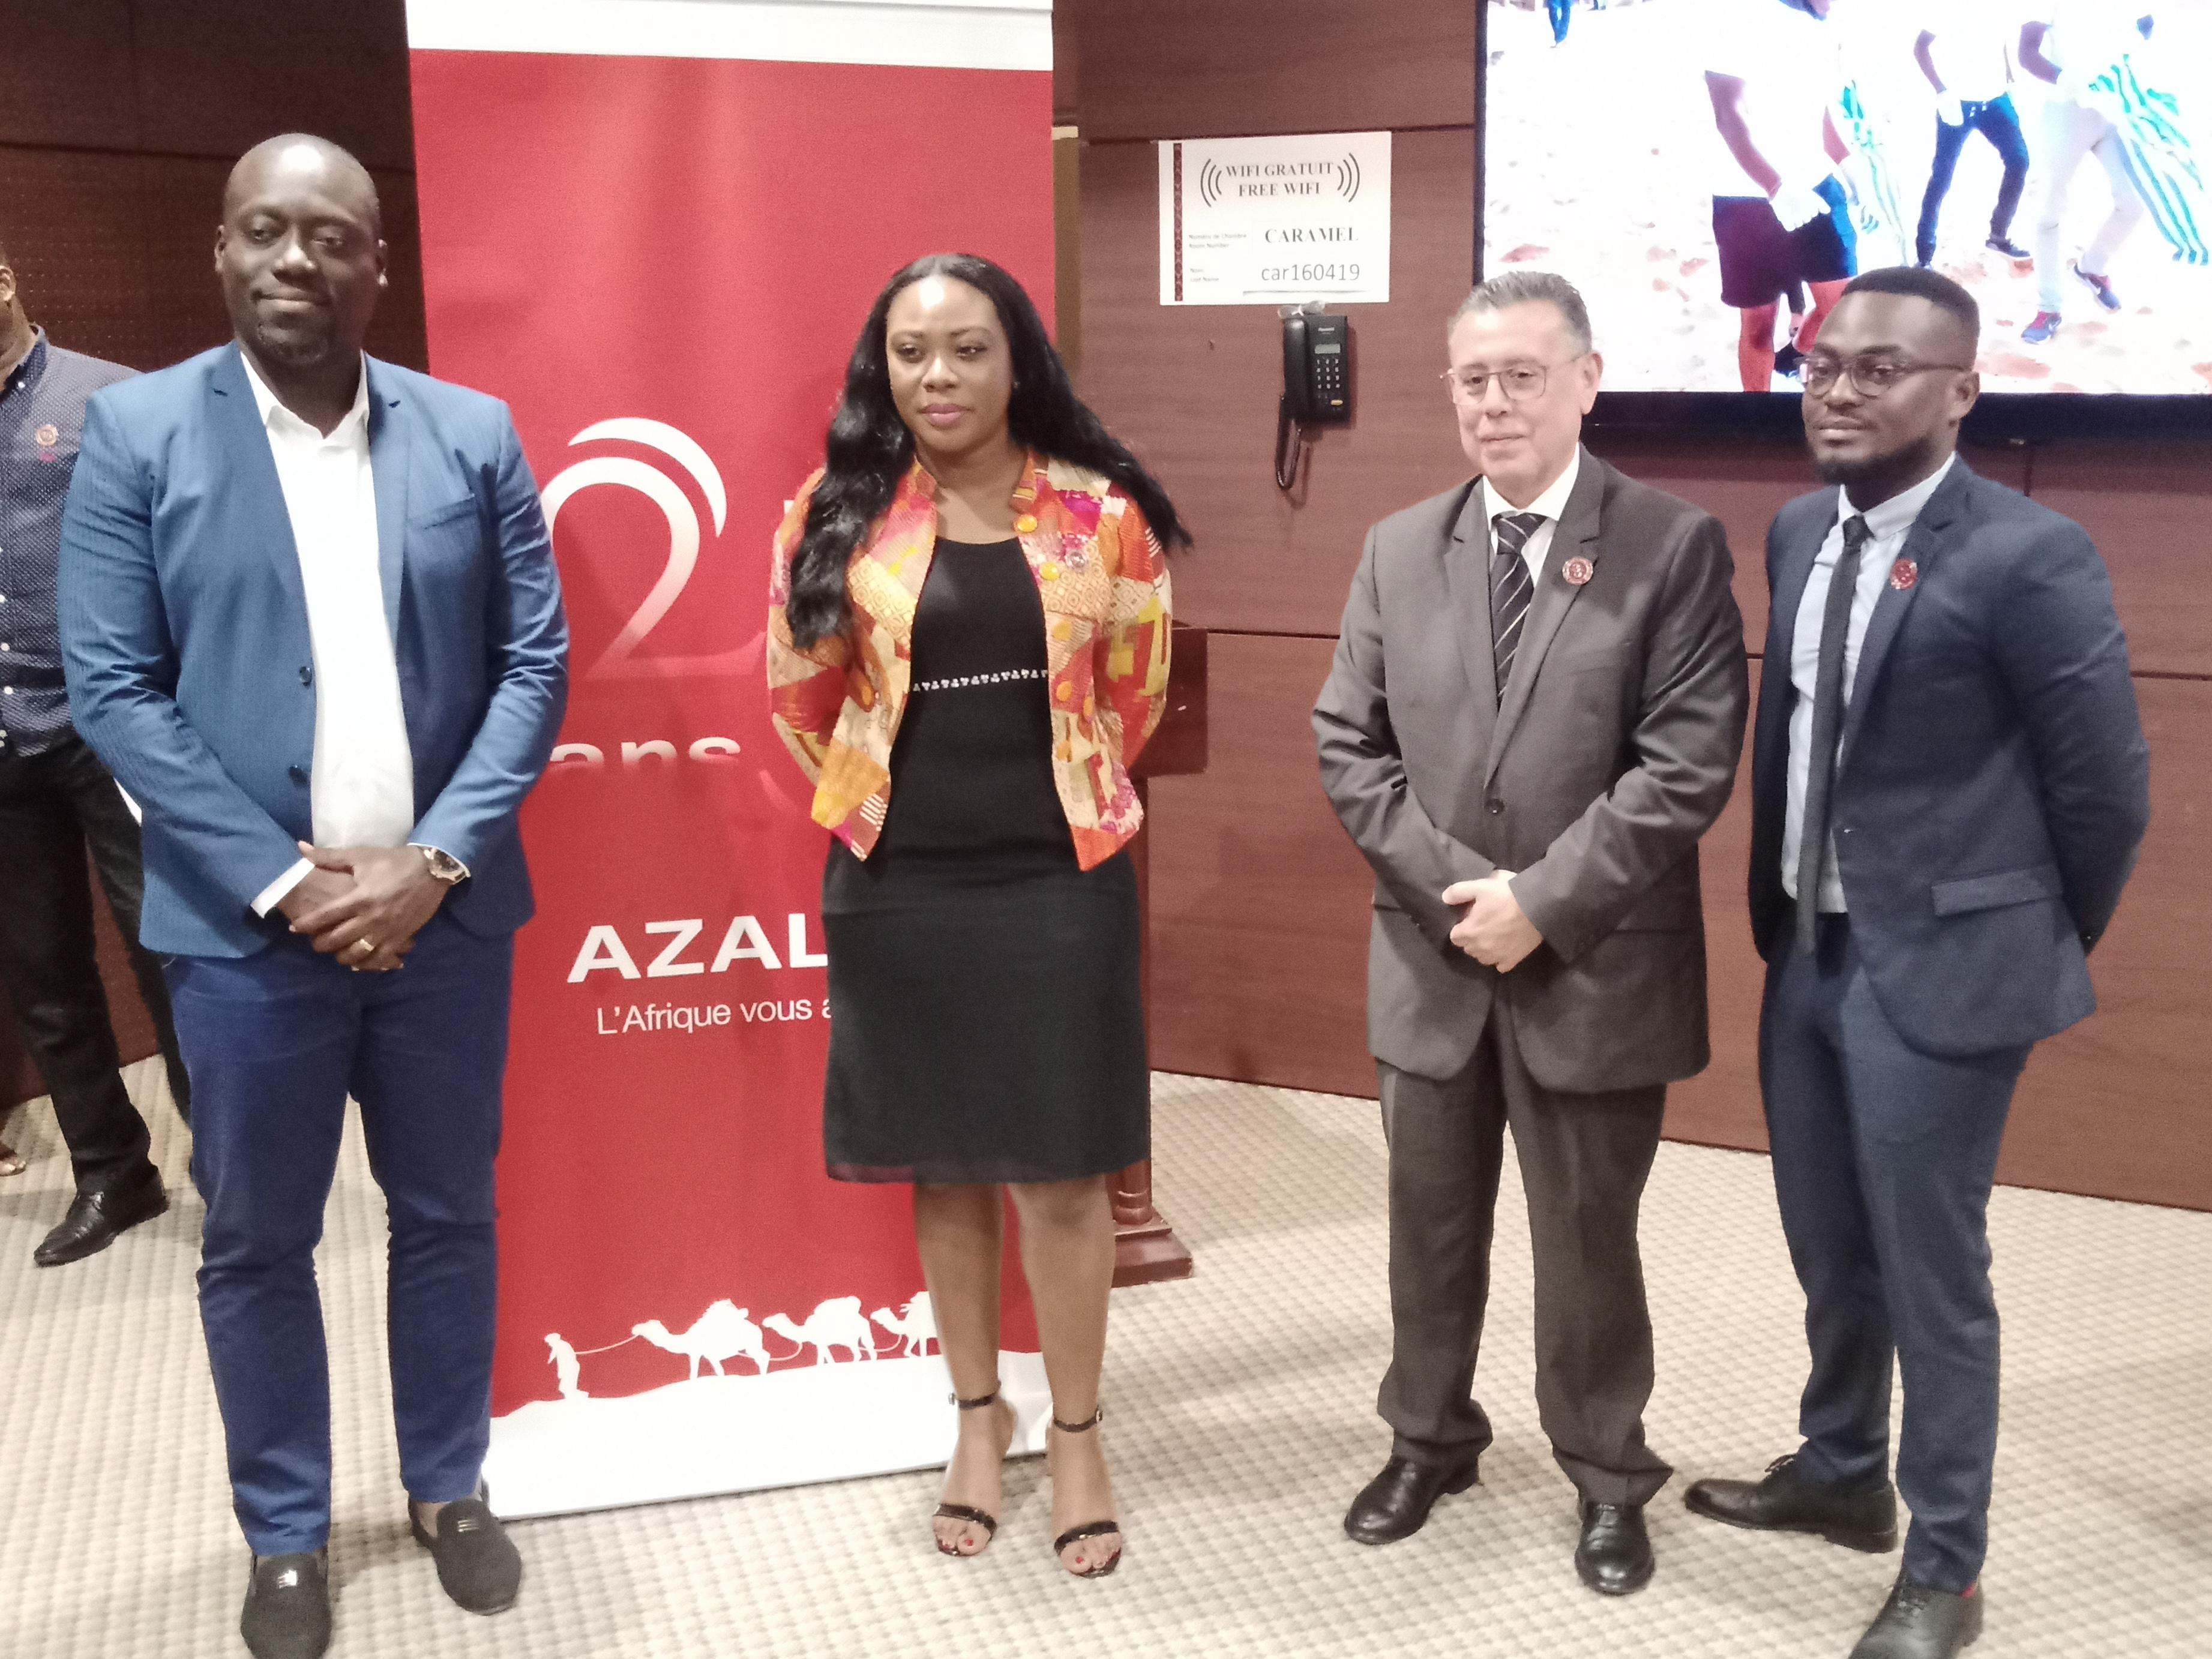 Développement touristique : Le groupe hôtelier Azalaï s'engage à promouvoir la destination Côte d'Ivoire